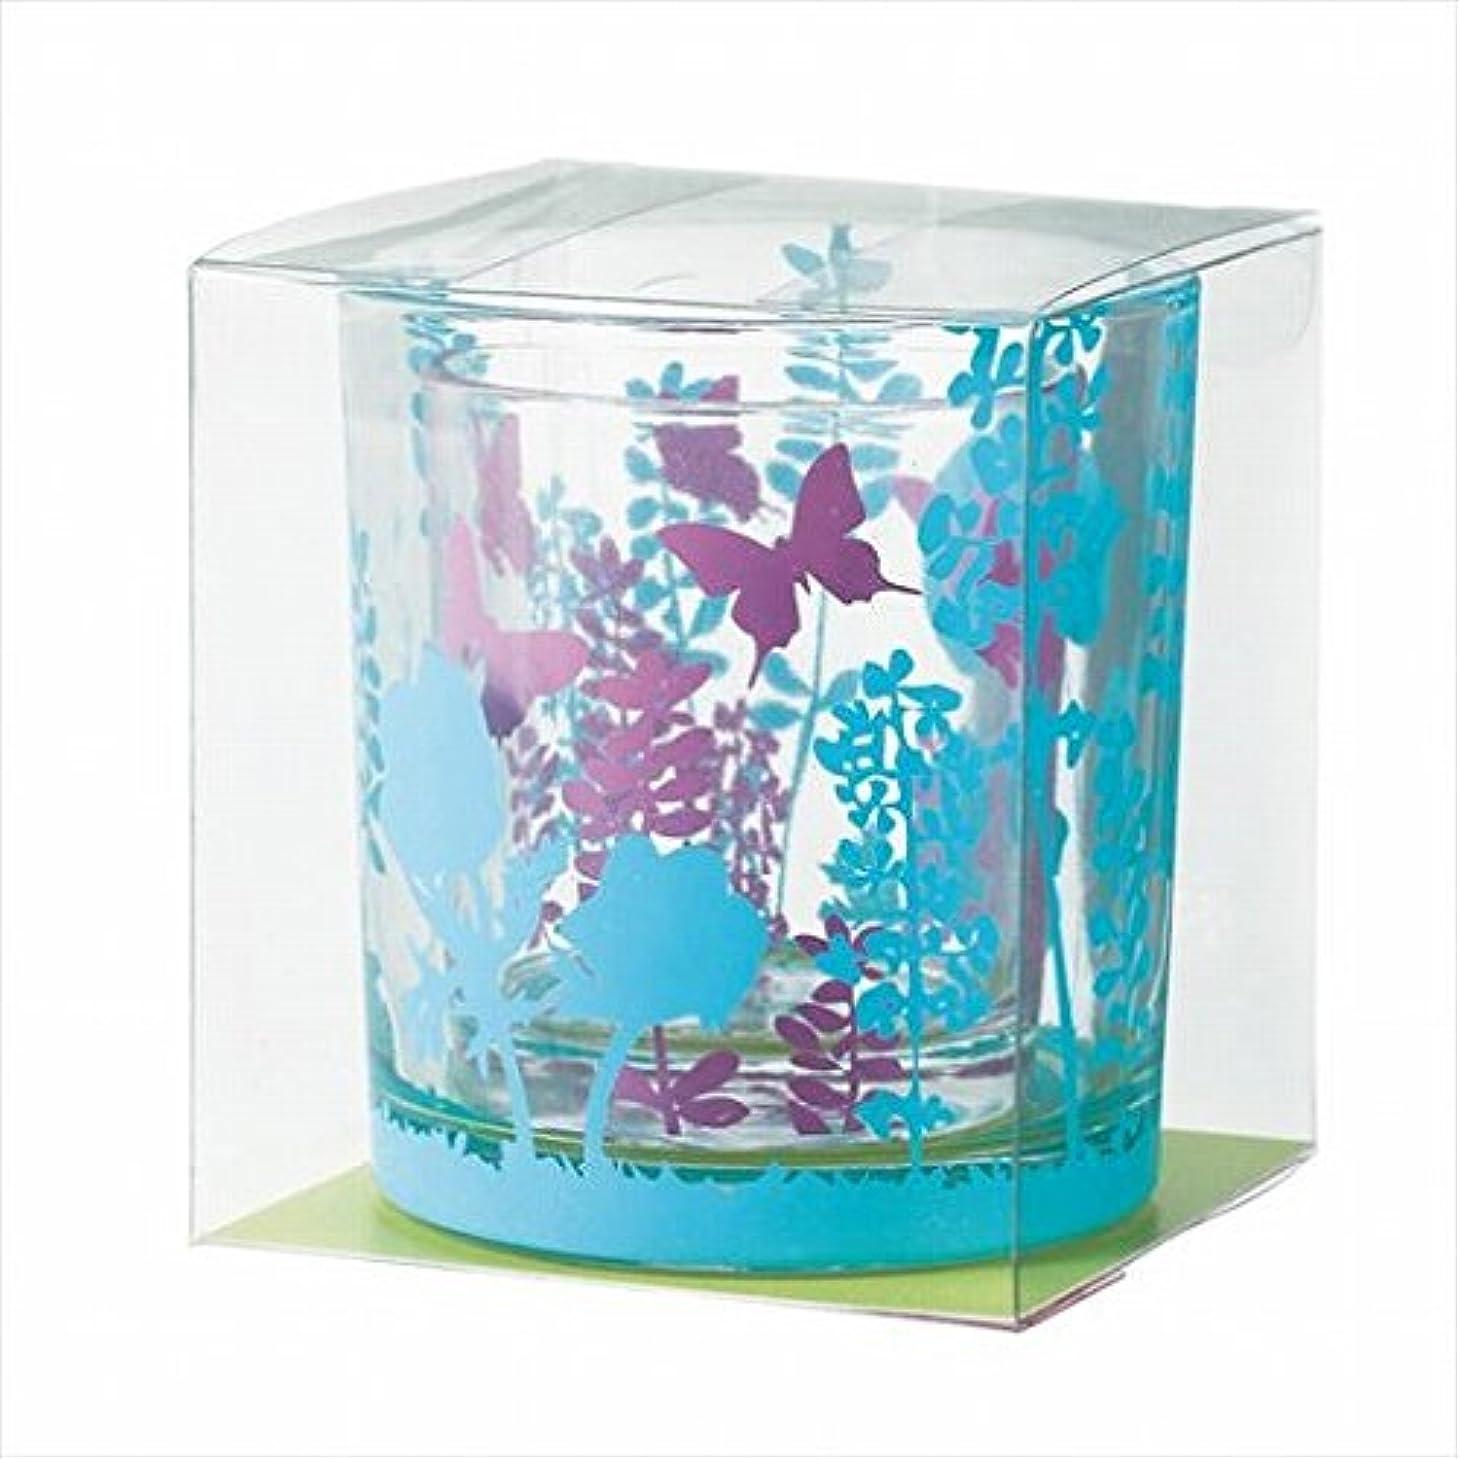 ボーナス疑問に思うアデレードカメヤマキャンドル(kameyama candle) ブルーミングデュエットグラス 「 クールカラー 」